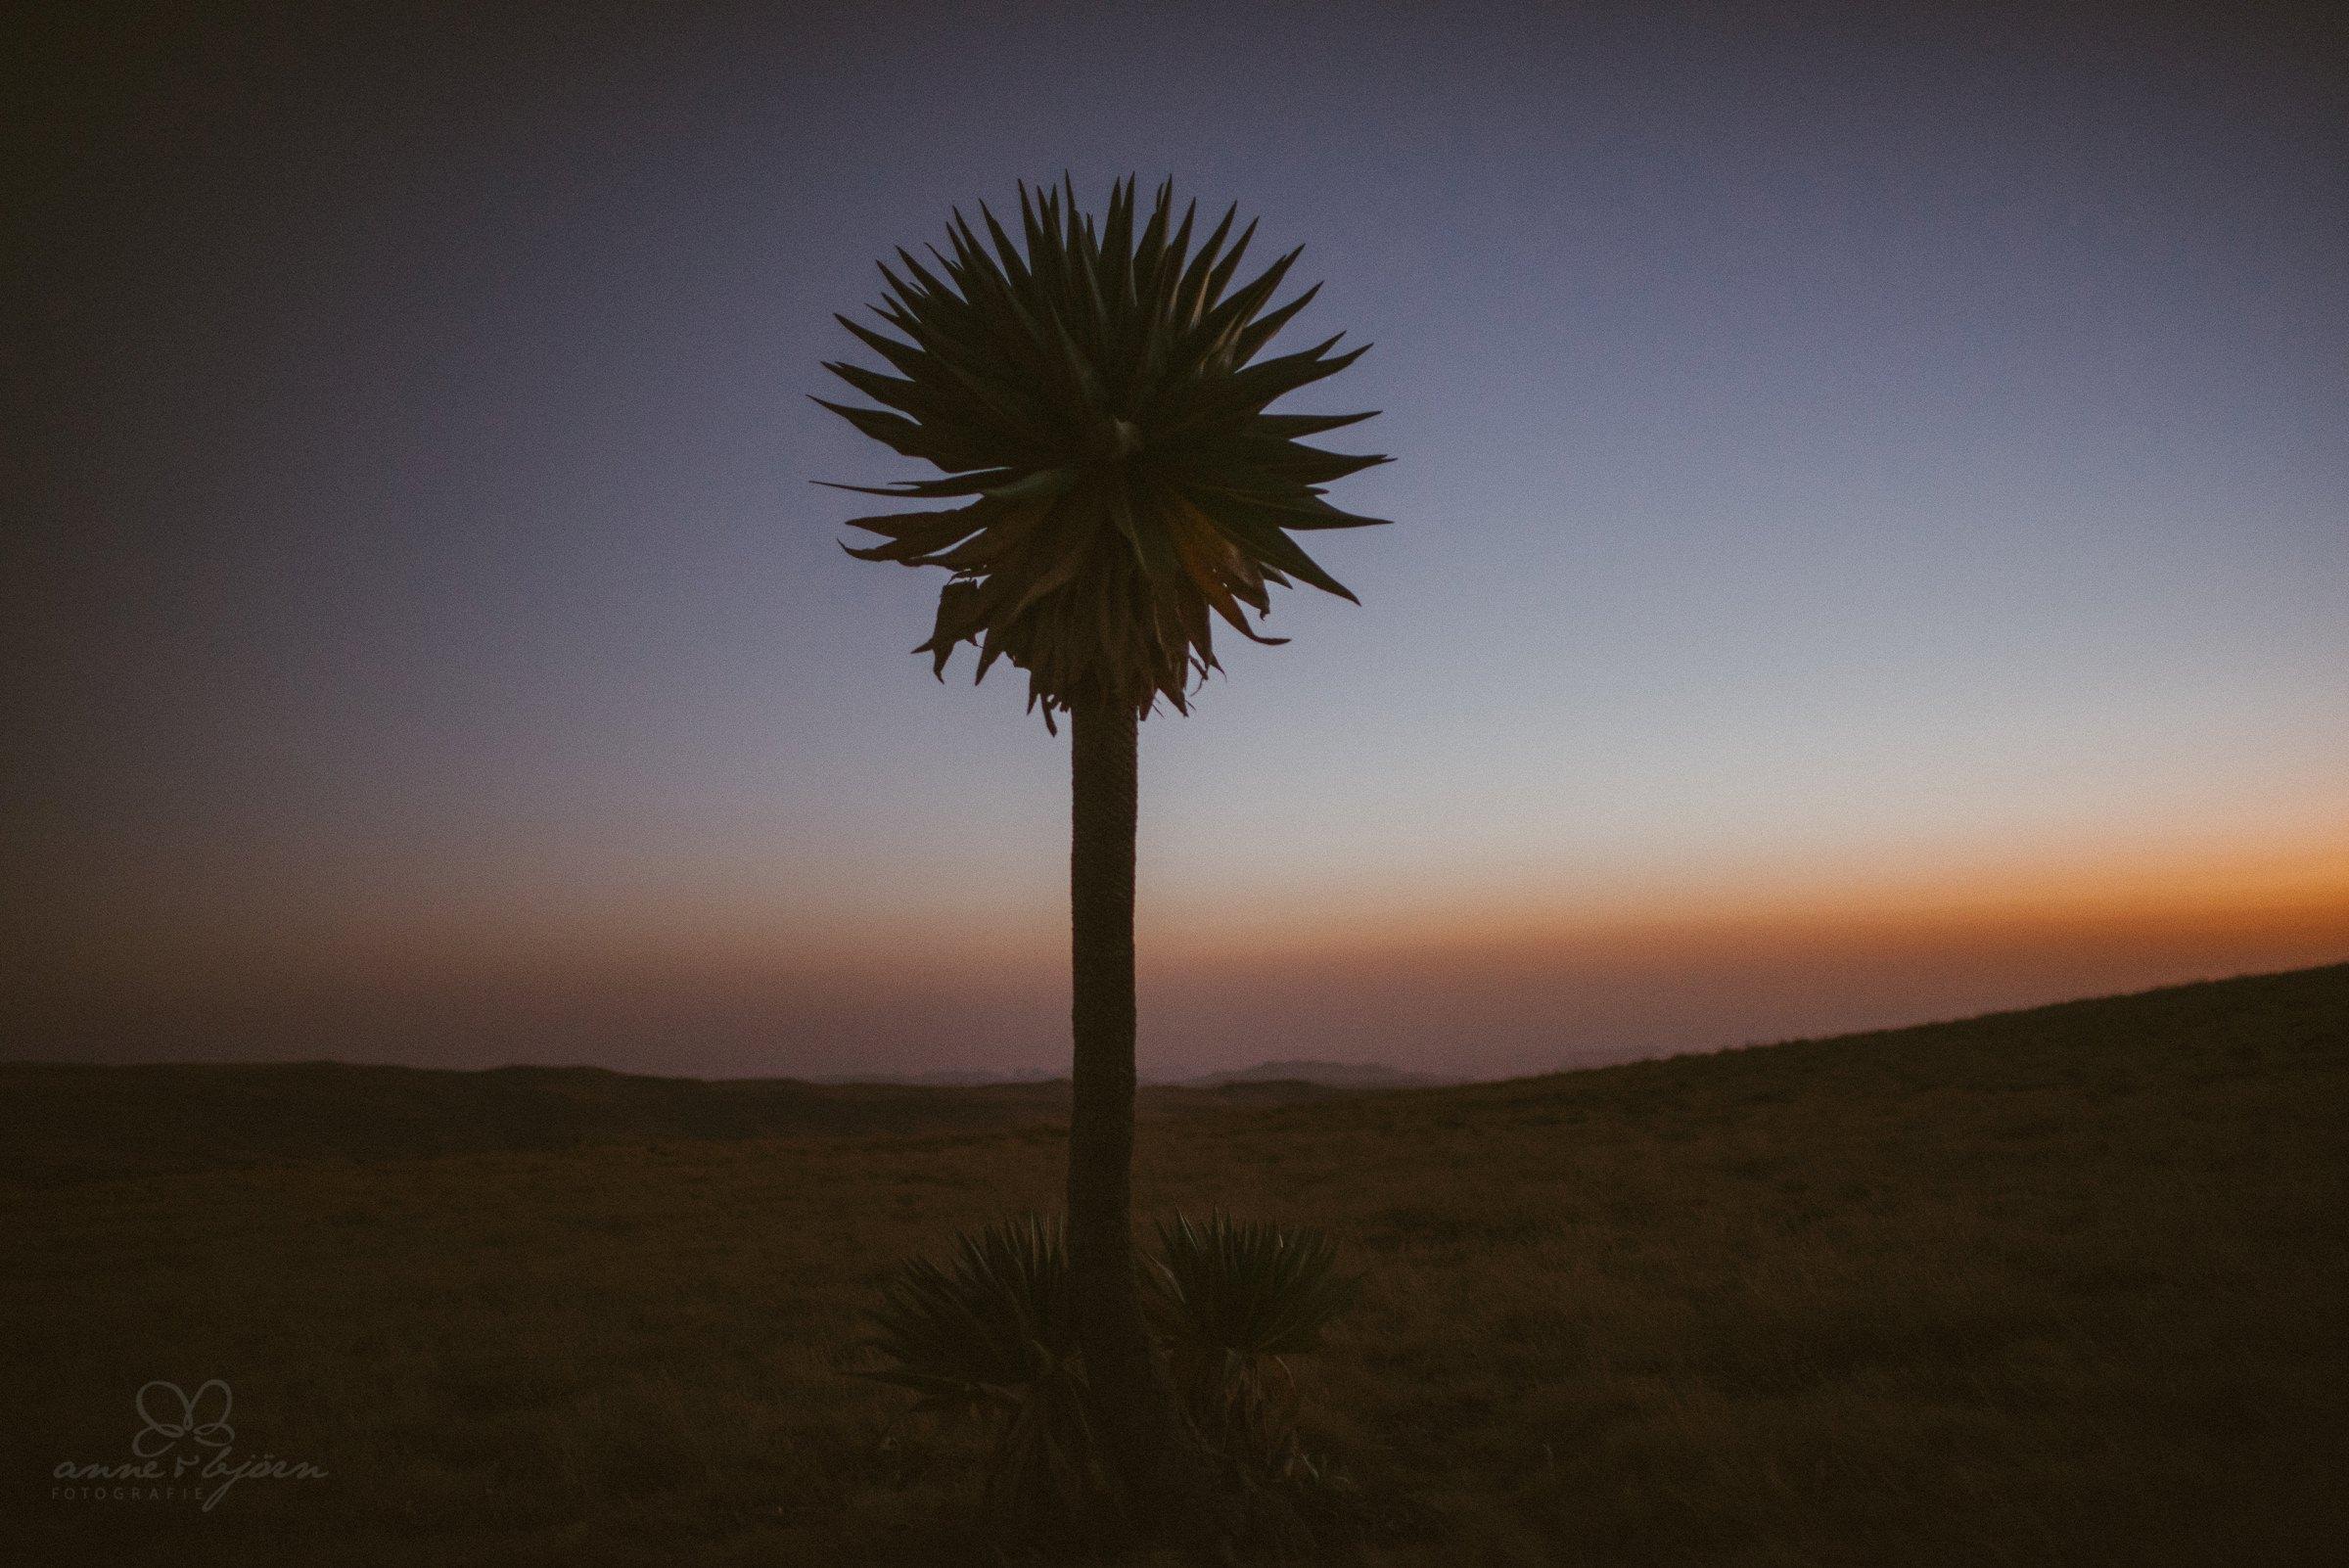 Palme, Sonnenuntergang, Afrika, Äthiopien, Wanderung, zelten